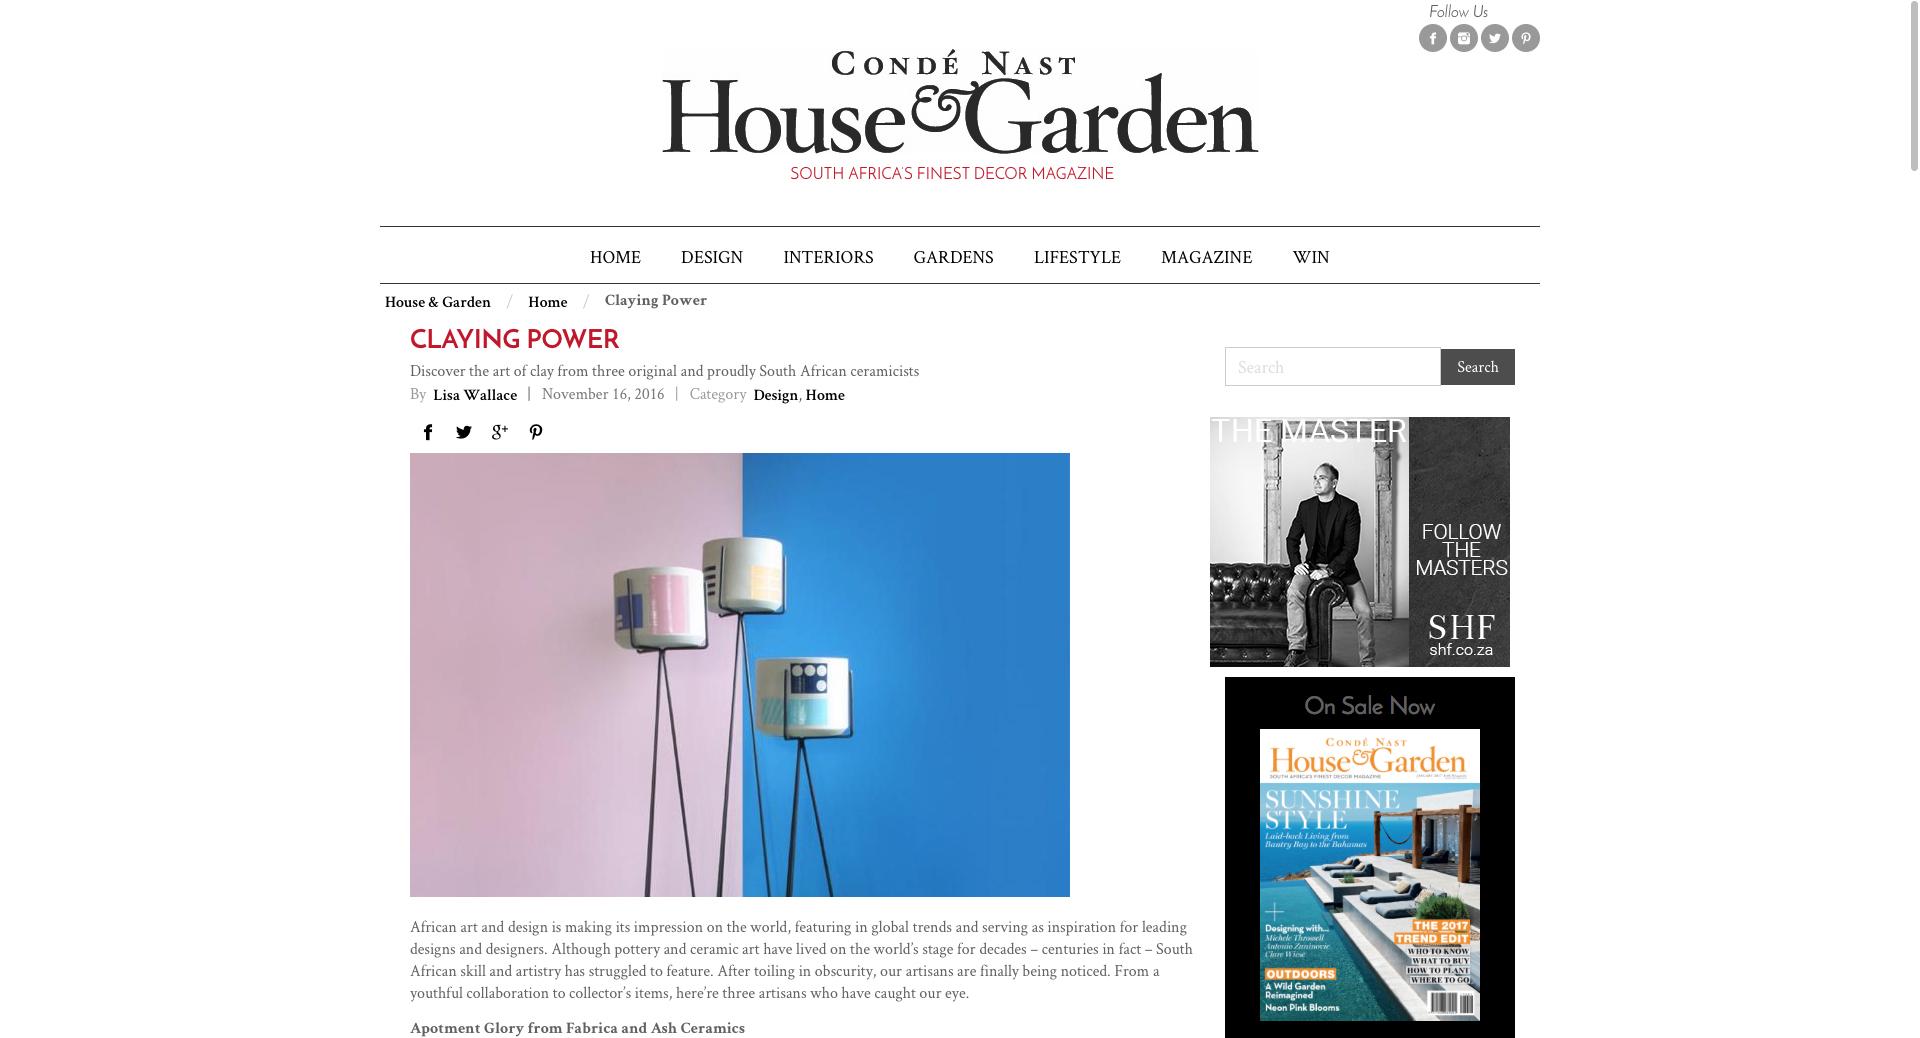 CONDE NASTE HOUSE & GARDEN